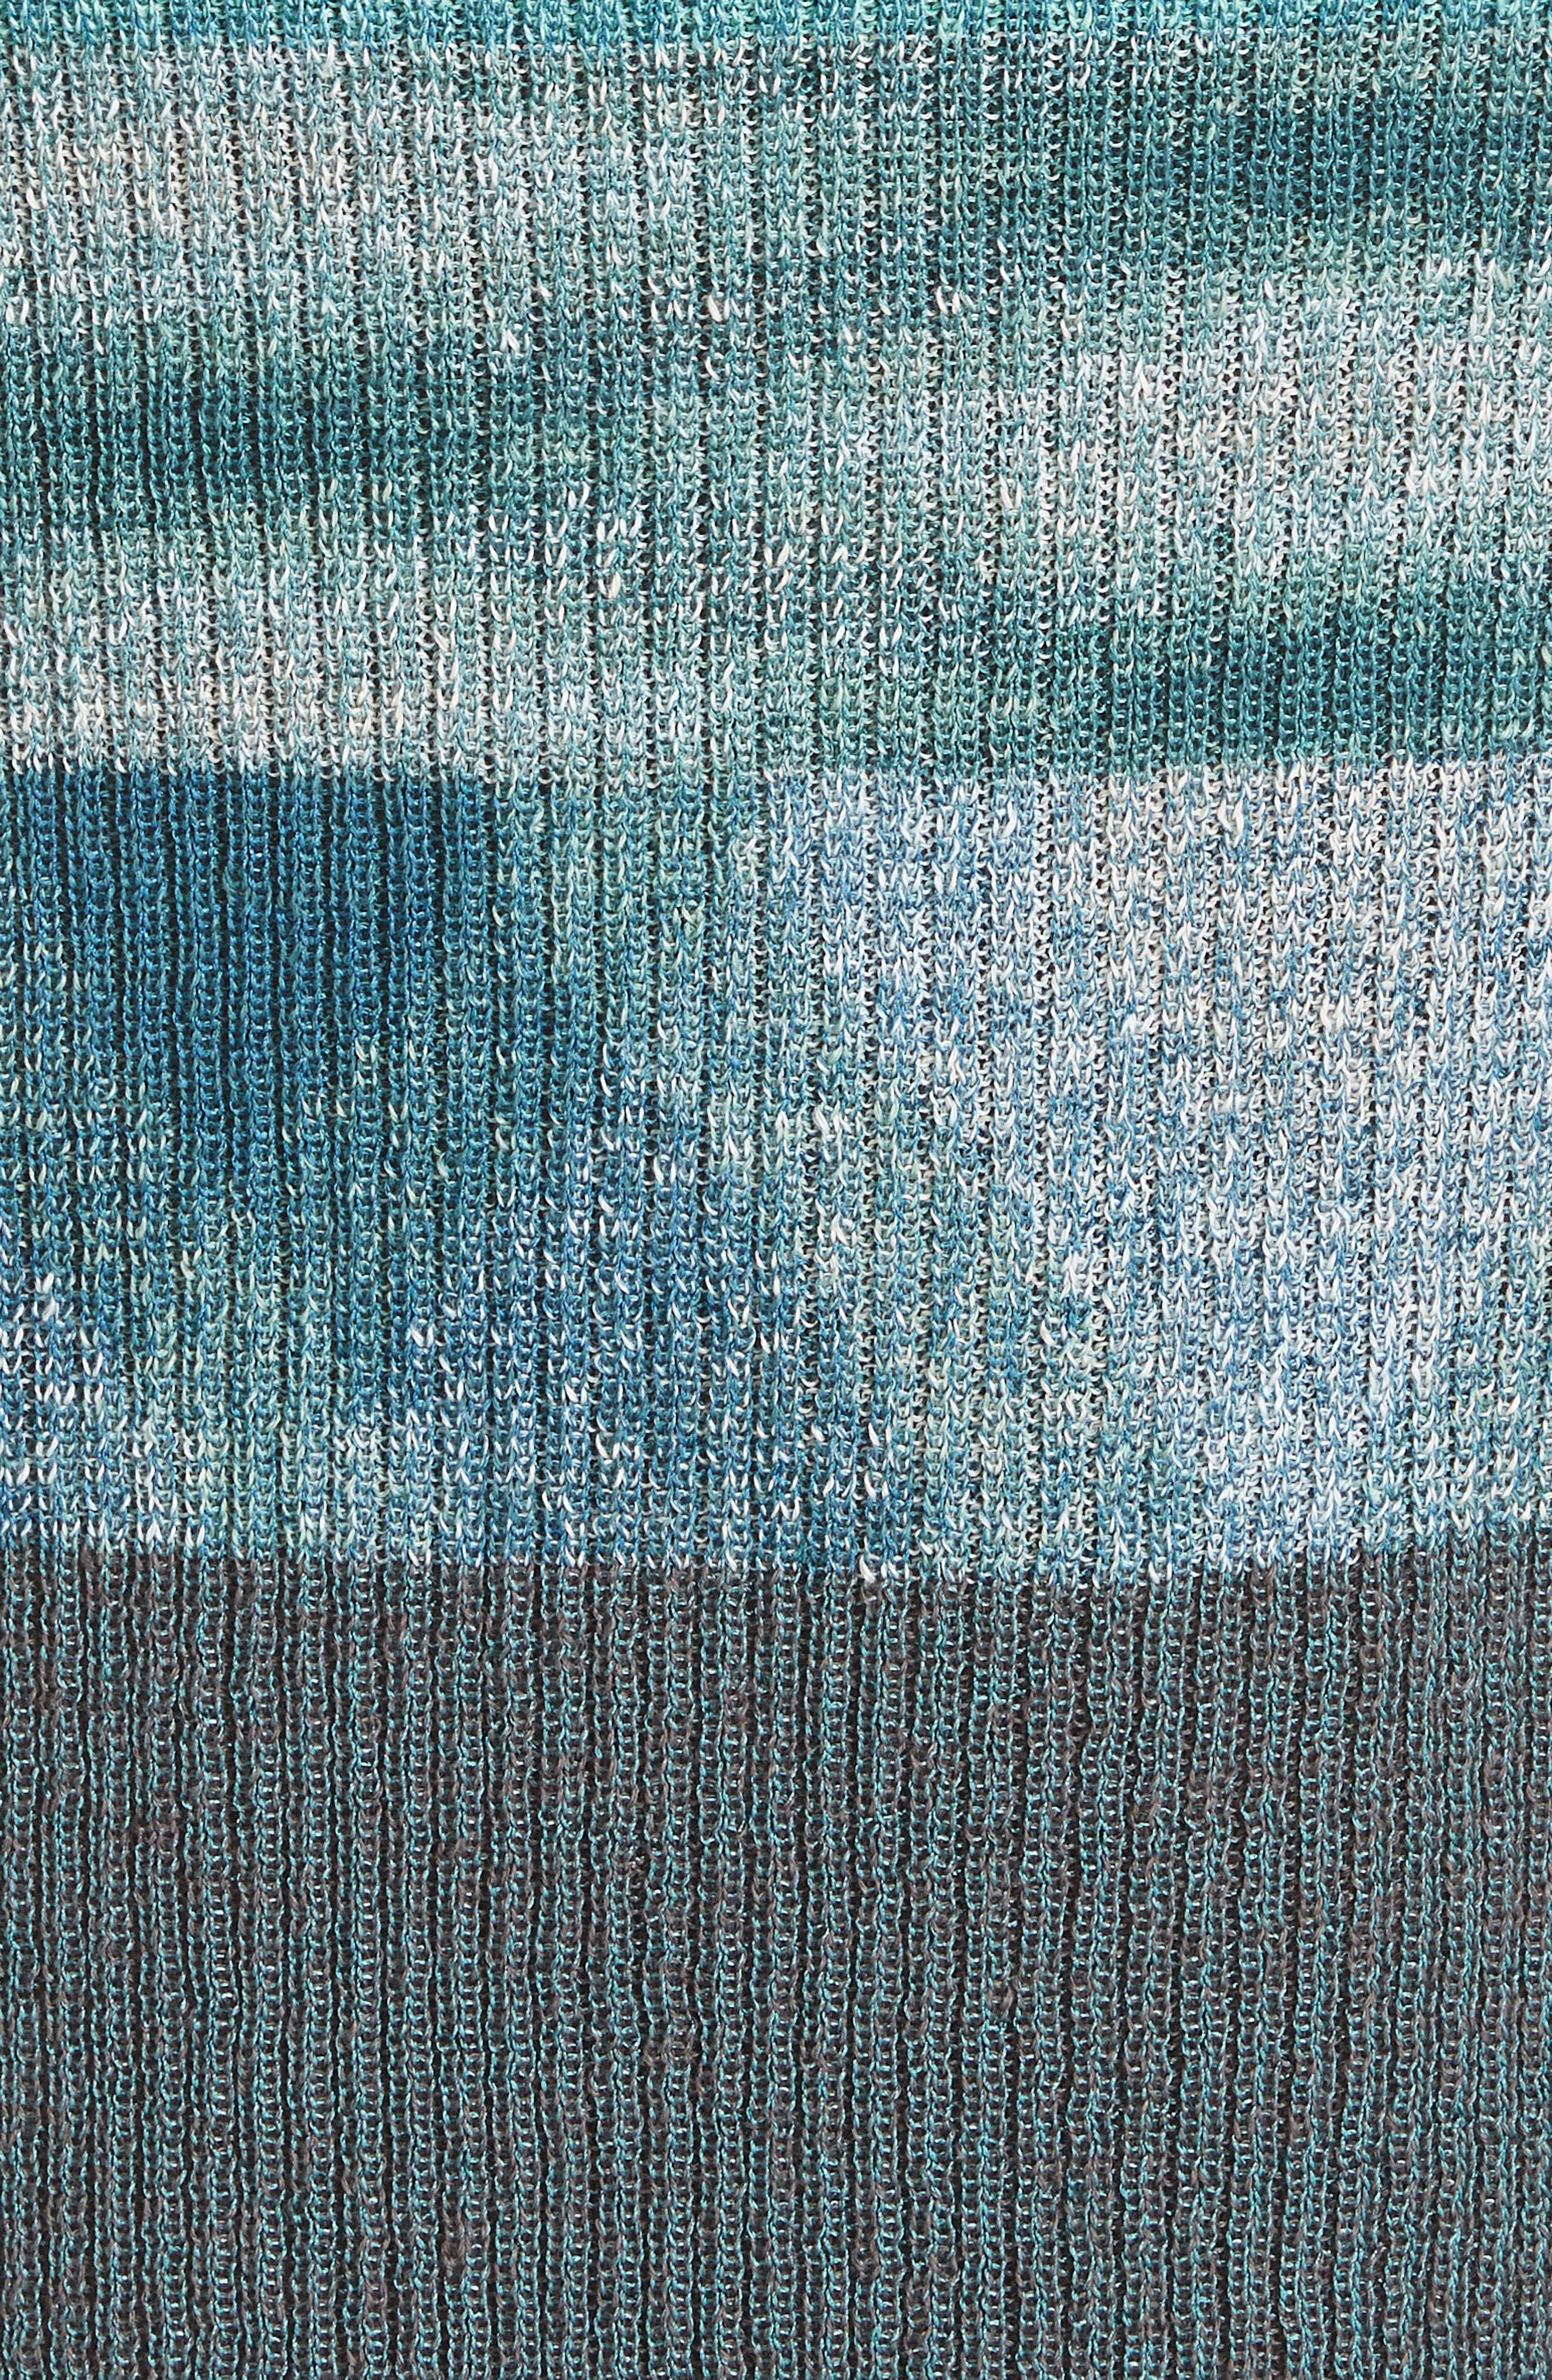 Boatneck Ribbed Dress,                             Alternate thumbnail 5, color,                             BLUE